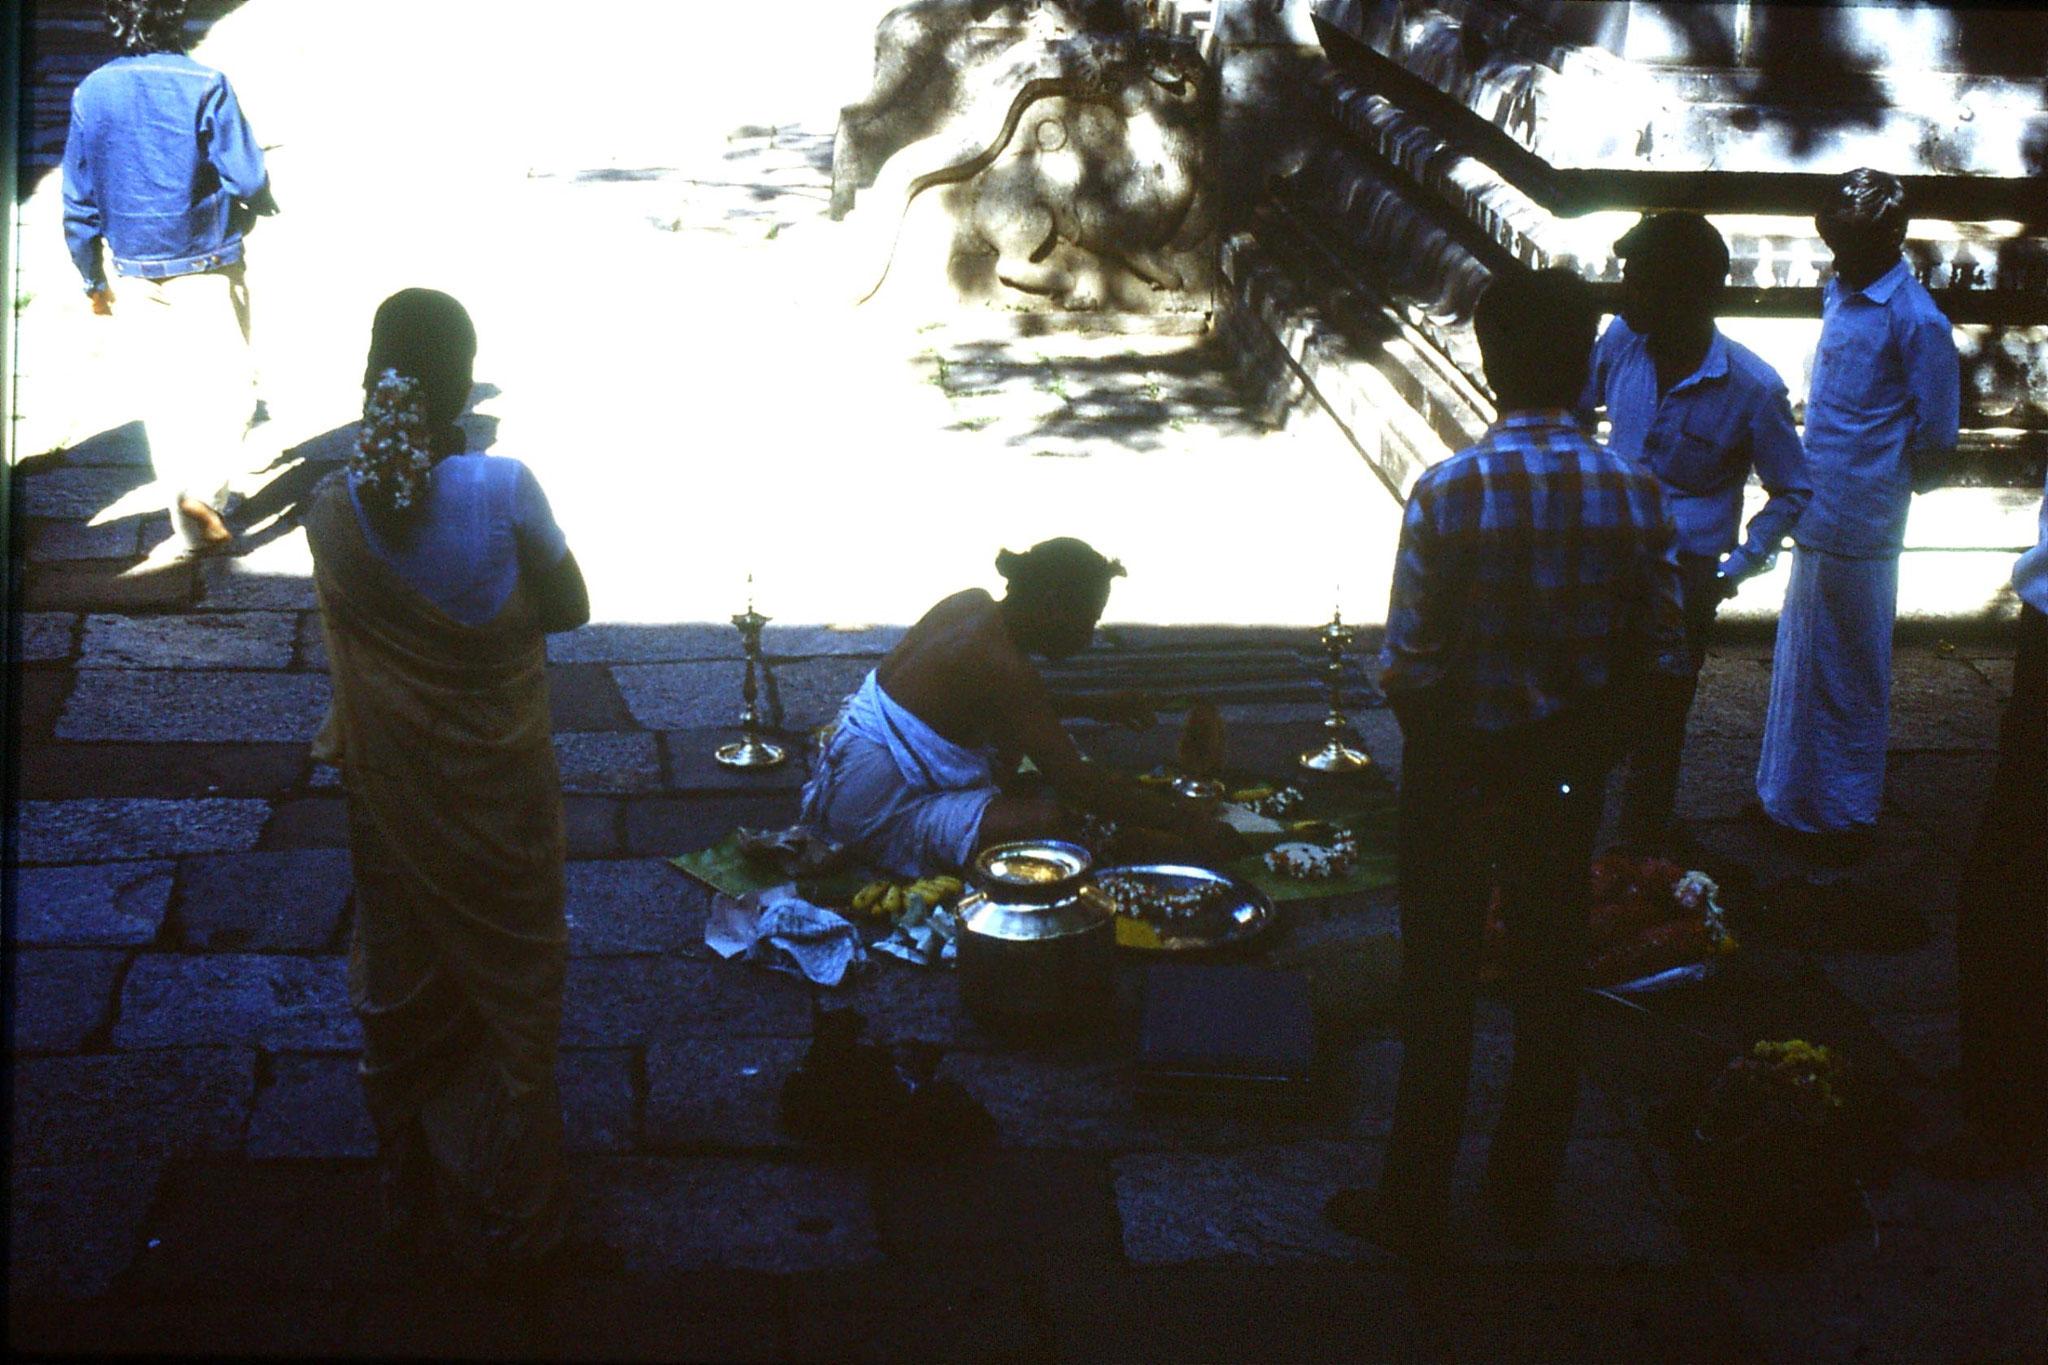 19/1/1990: 12: Kanchipuram, priest preparing for wedding